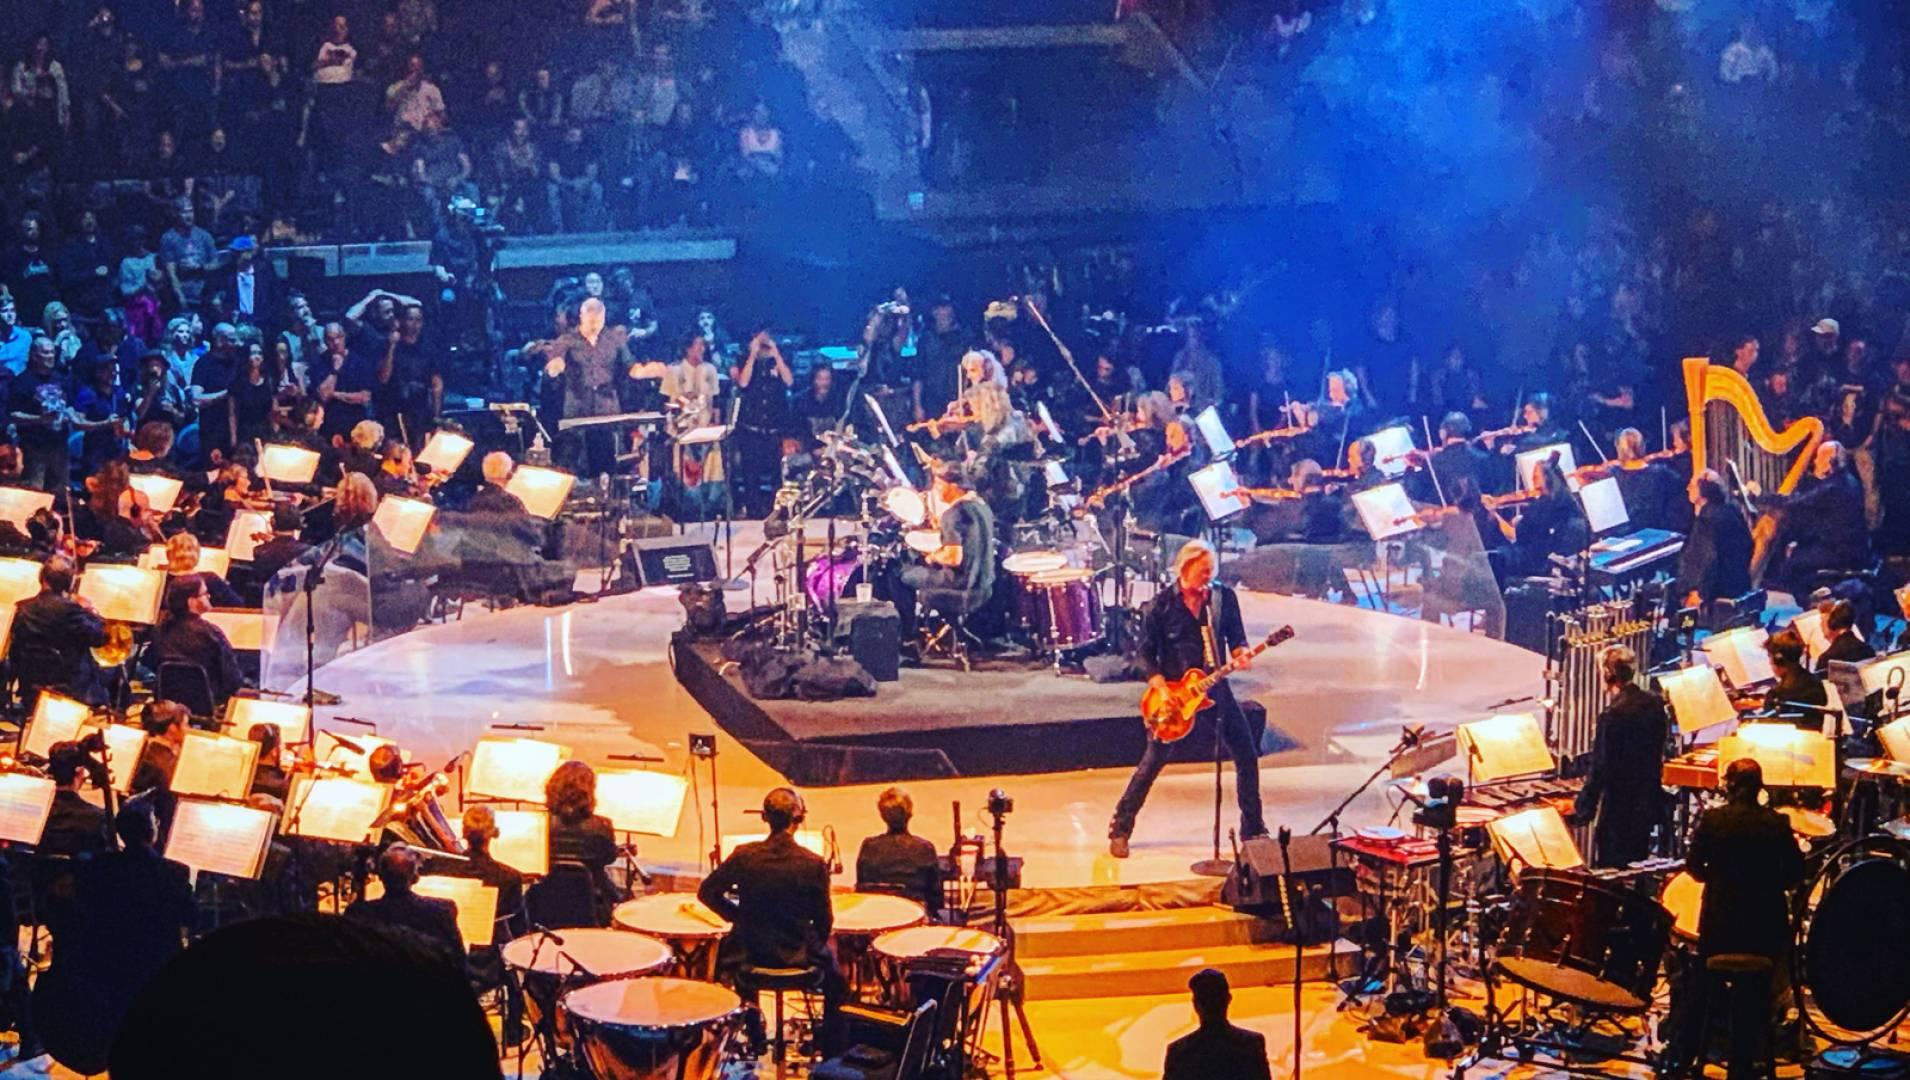 Концерт группы Metallica с симфонический оркестром Сан-Франциско - Концерт